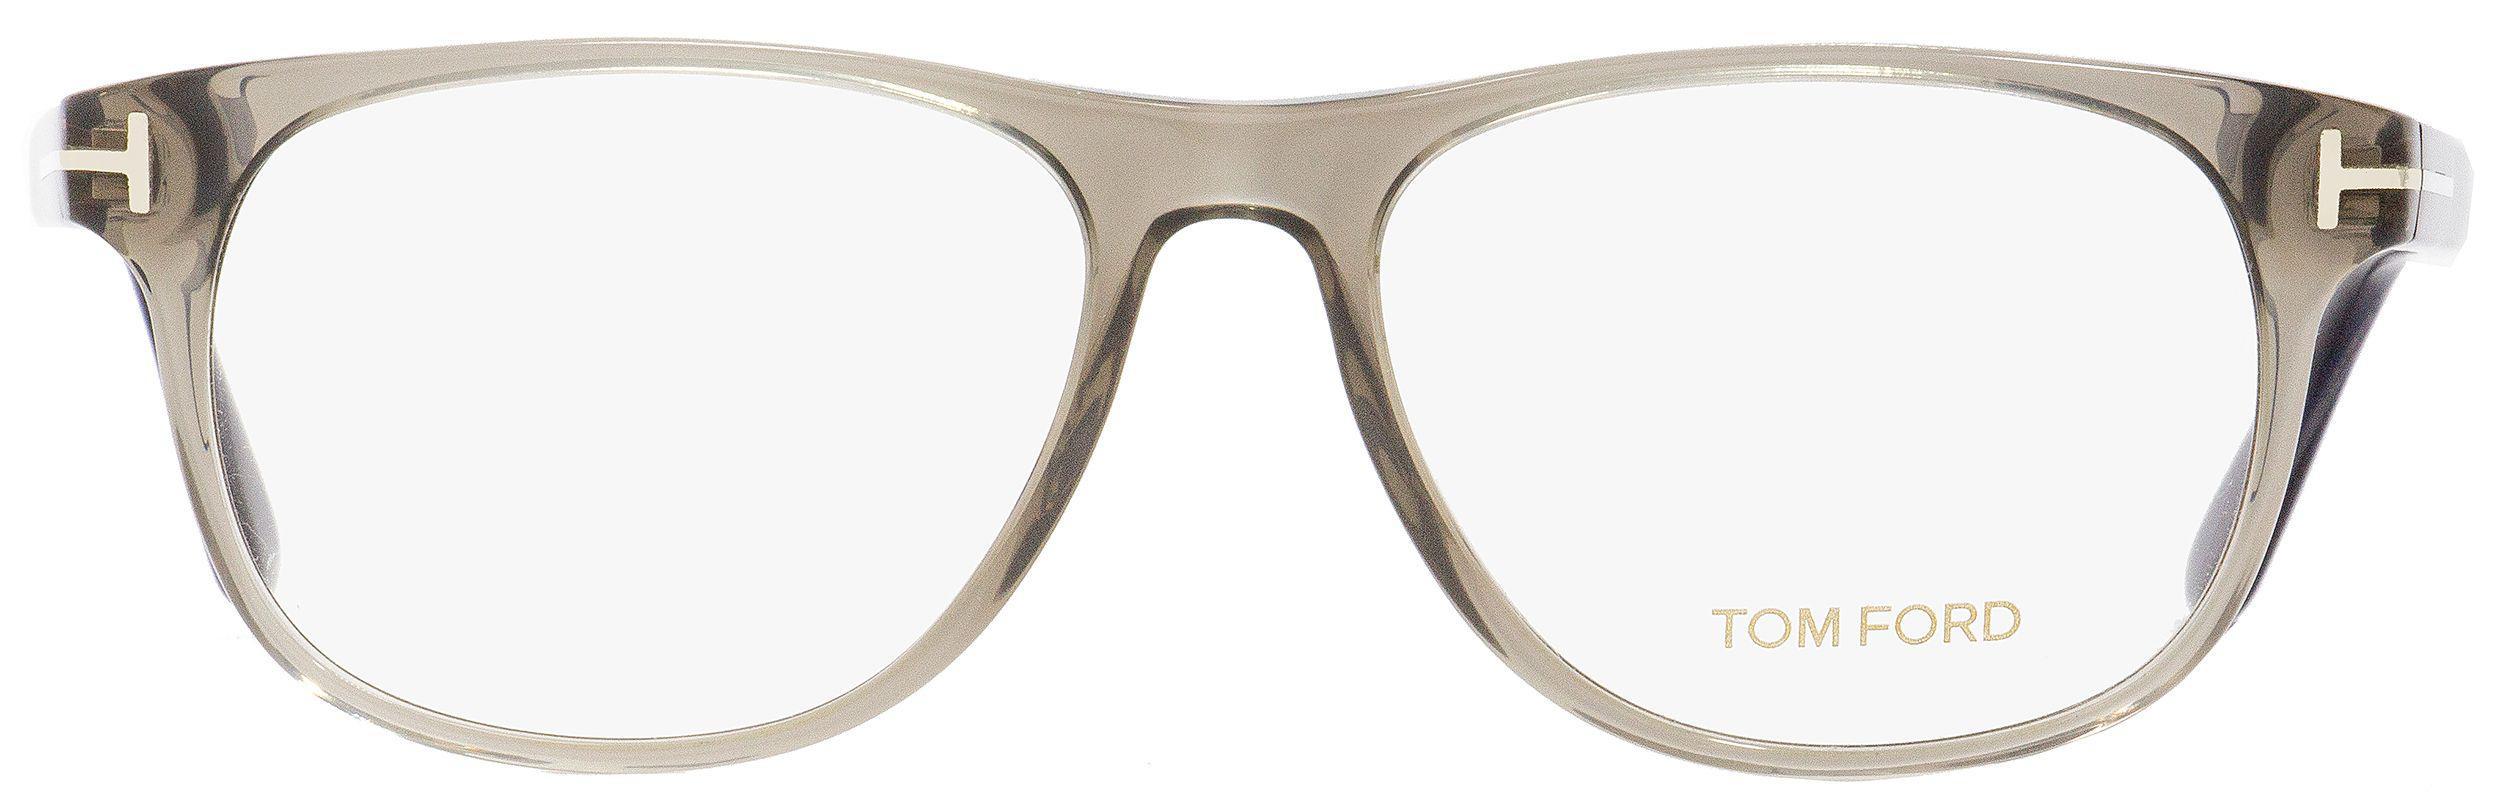 225fbd7ec9 Tom Ford - Multicolor Oval Eyeglasses Tf5362 020 Opal Gray blue Horn 55mm  Ft5362 for. View fullscreen